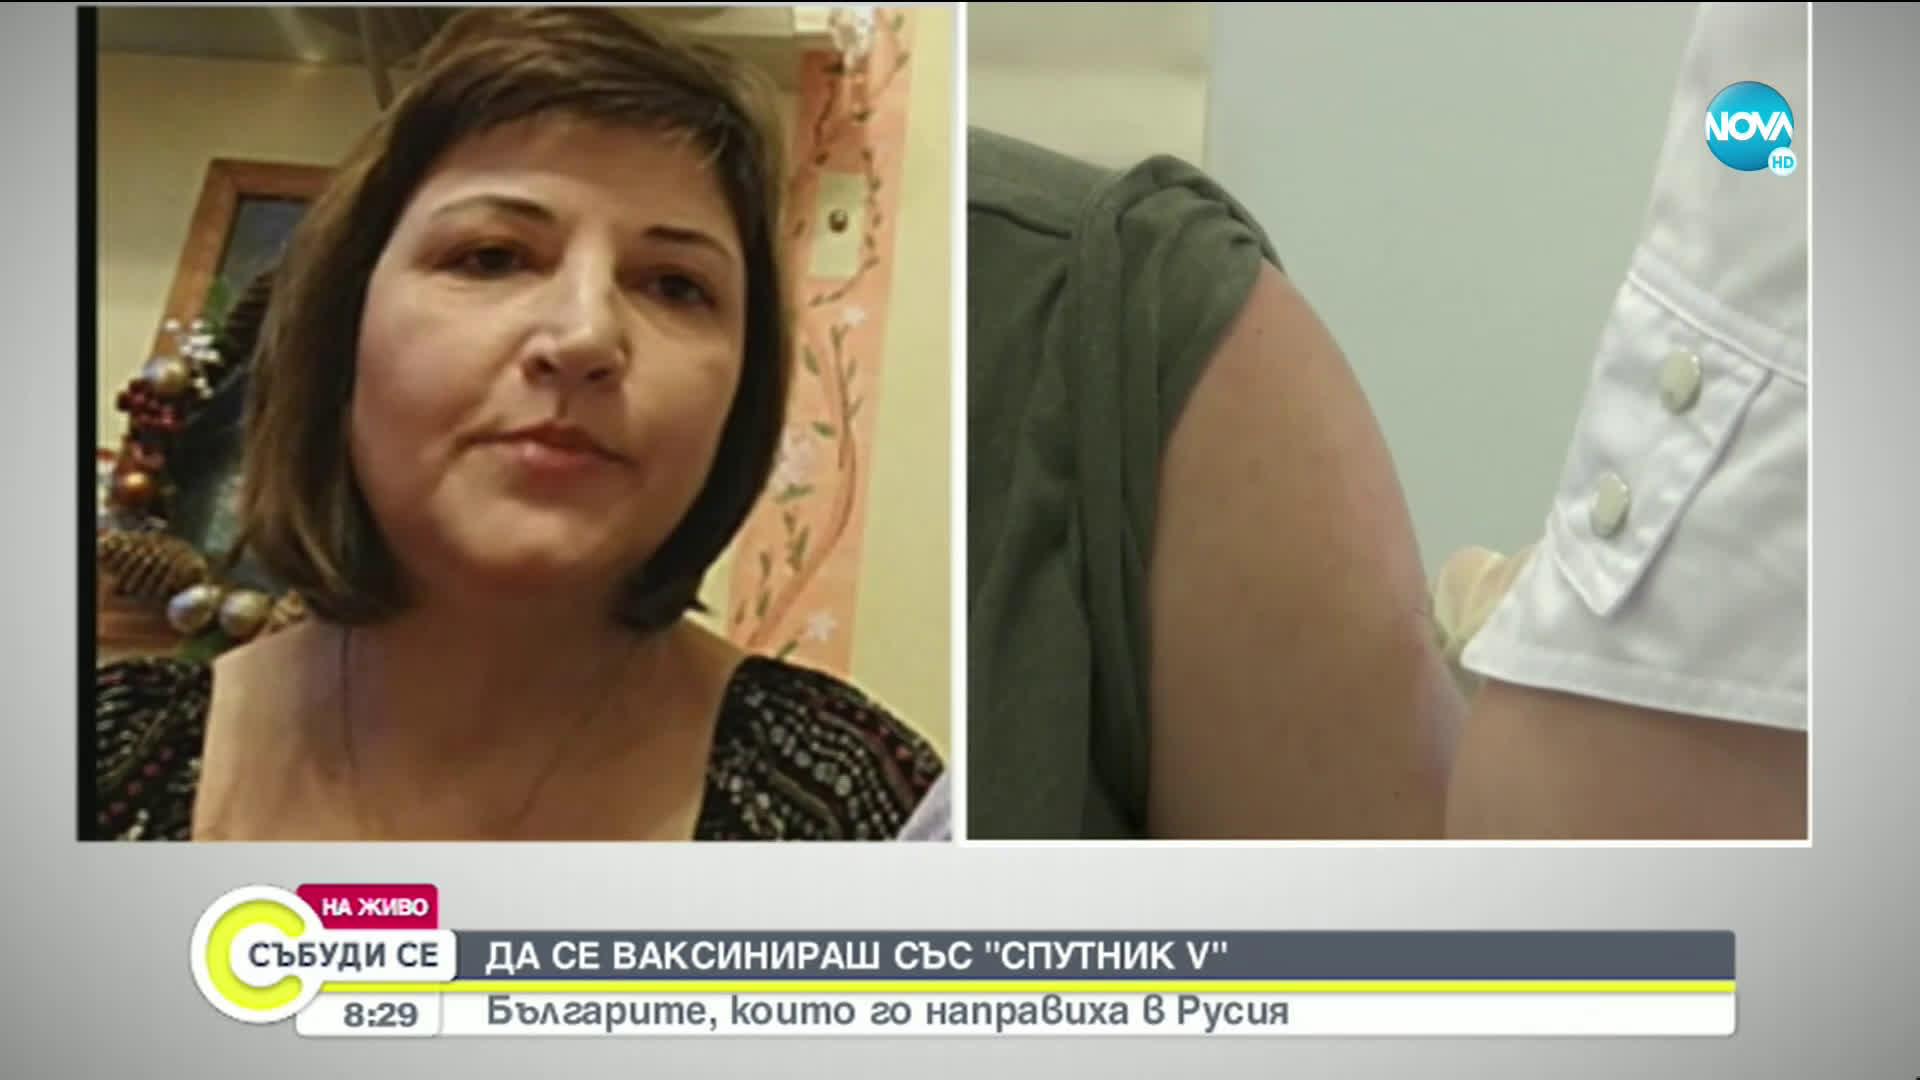 """РАЗКАЗ ОТ ПЪРВО ЛИЦЕ: Българи се ваксинираха със """"Спутник V"""" в Русия"""